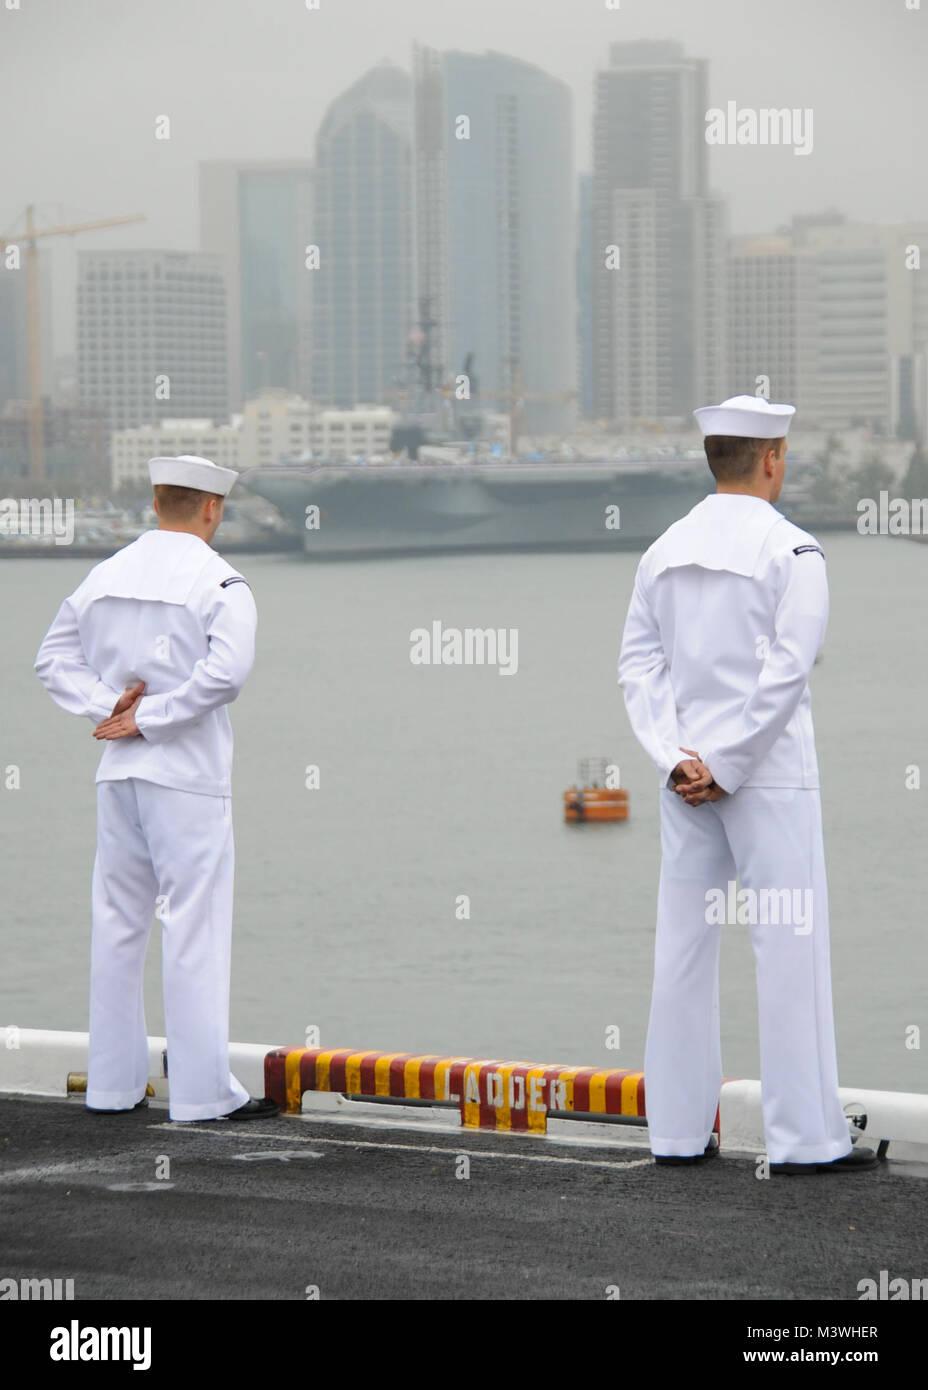 Beste Uns Marine Maschinist Kumpel Lebenslauf Ideen - Beispiel ...